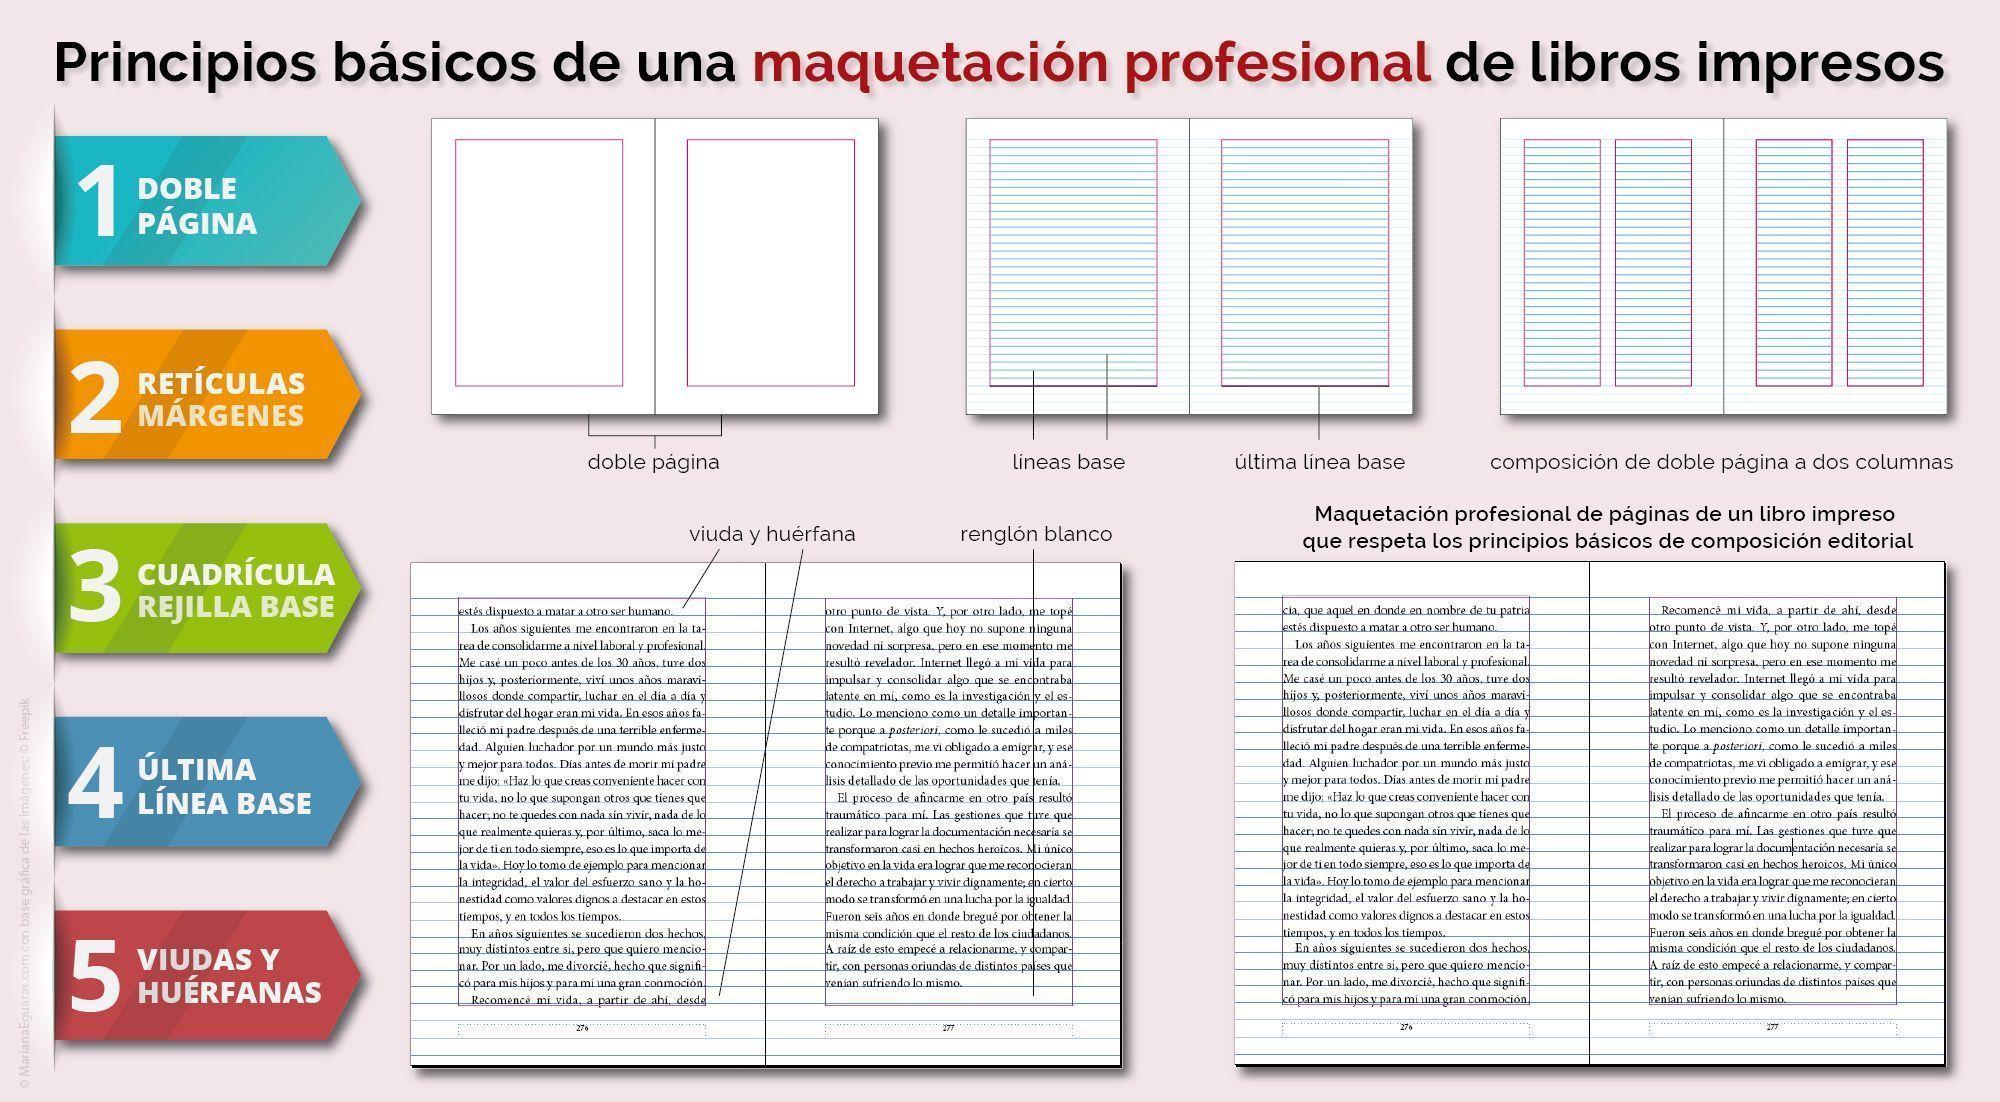 Infografía | Maquetación profesional: 5 principios básicos